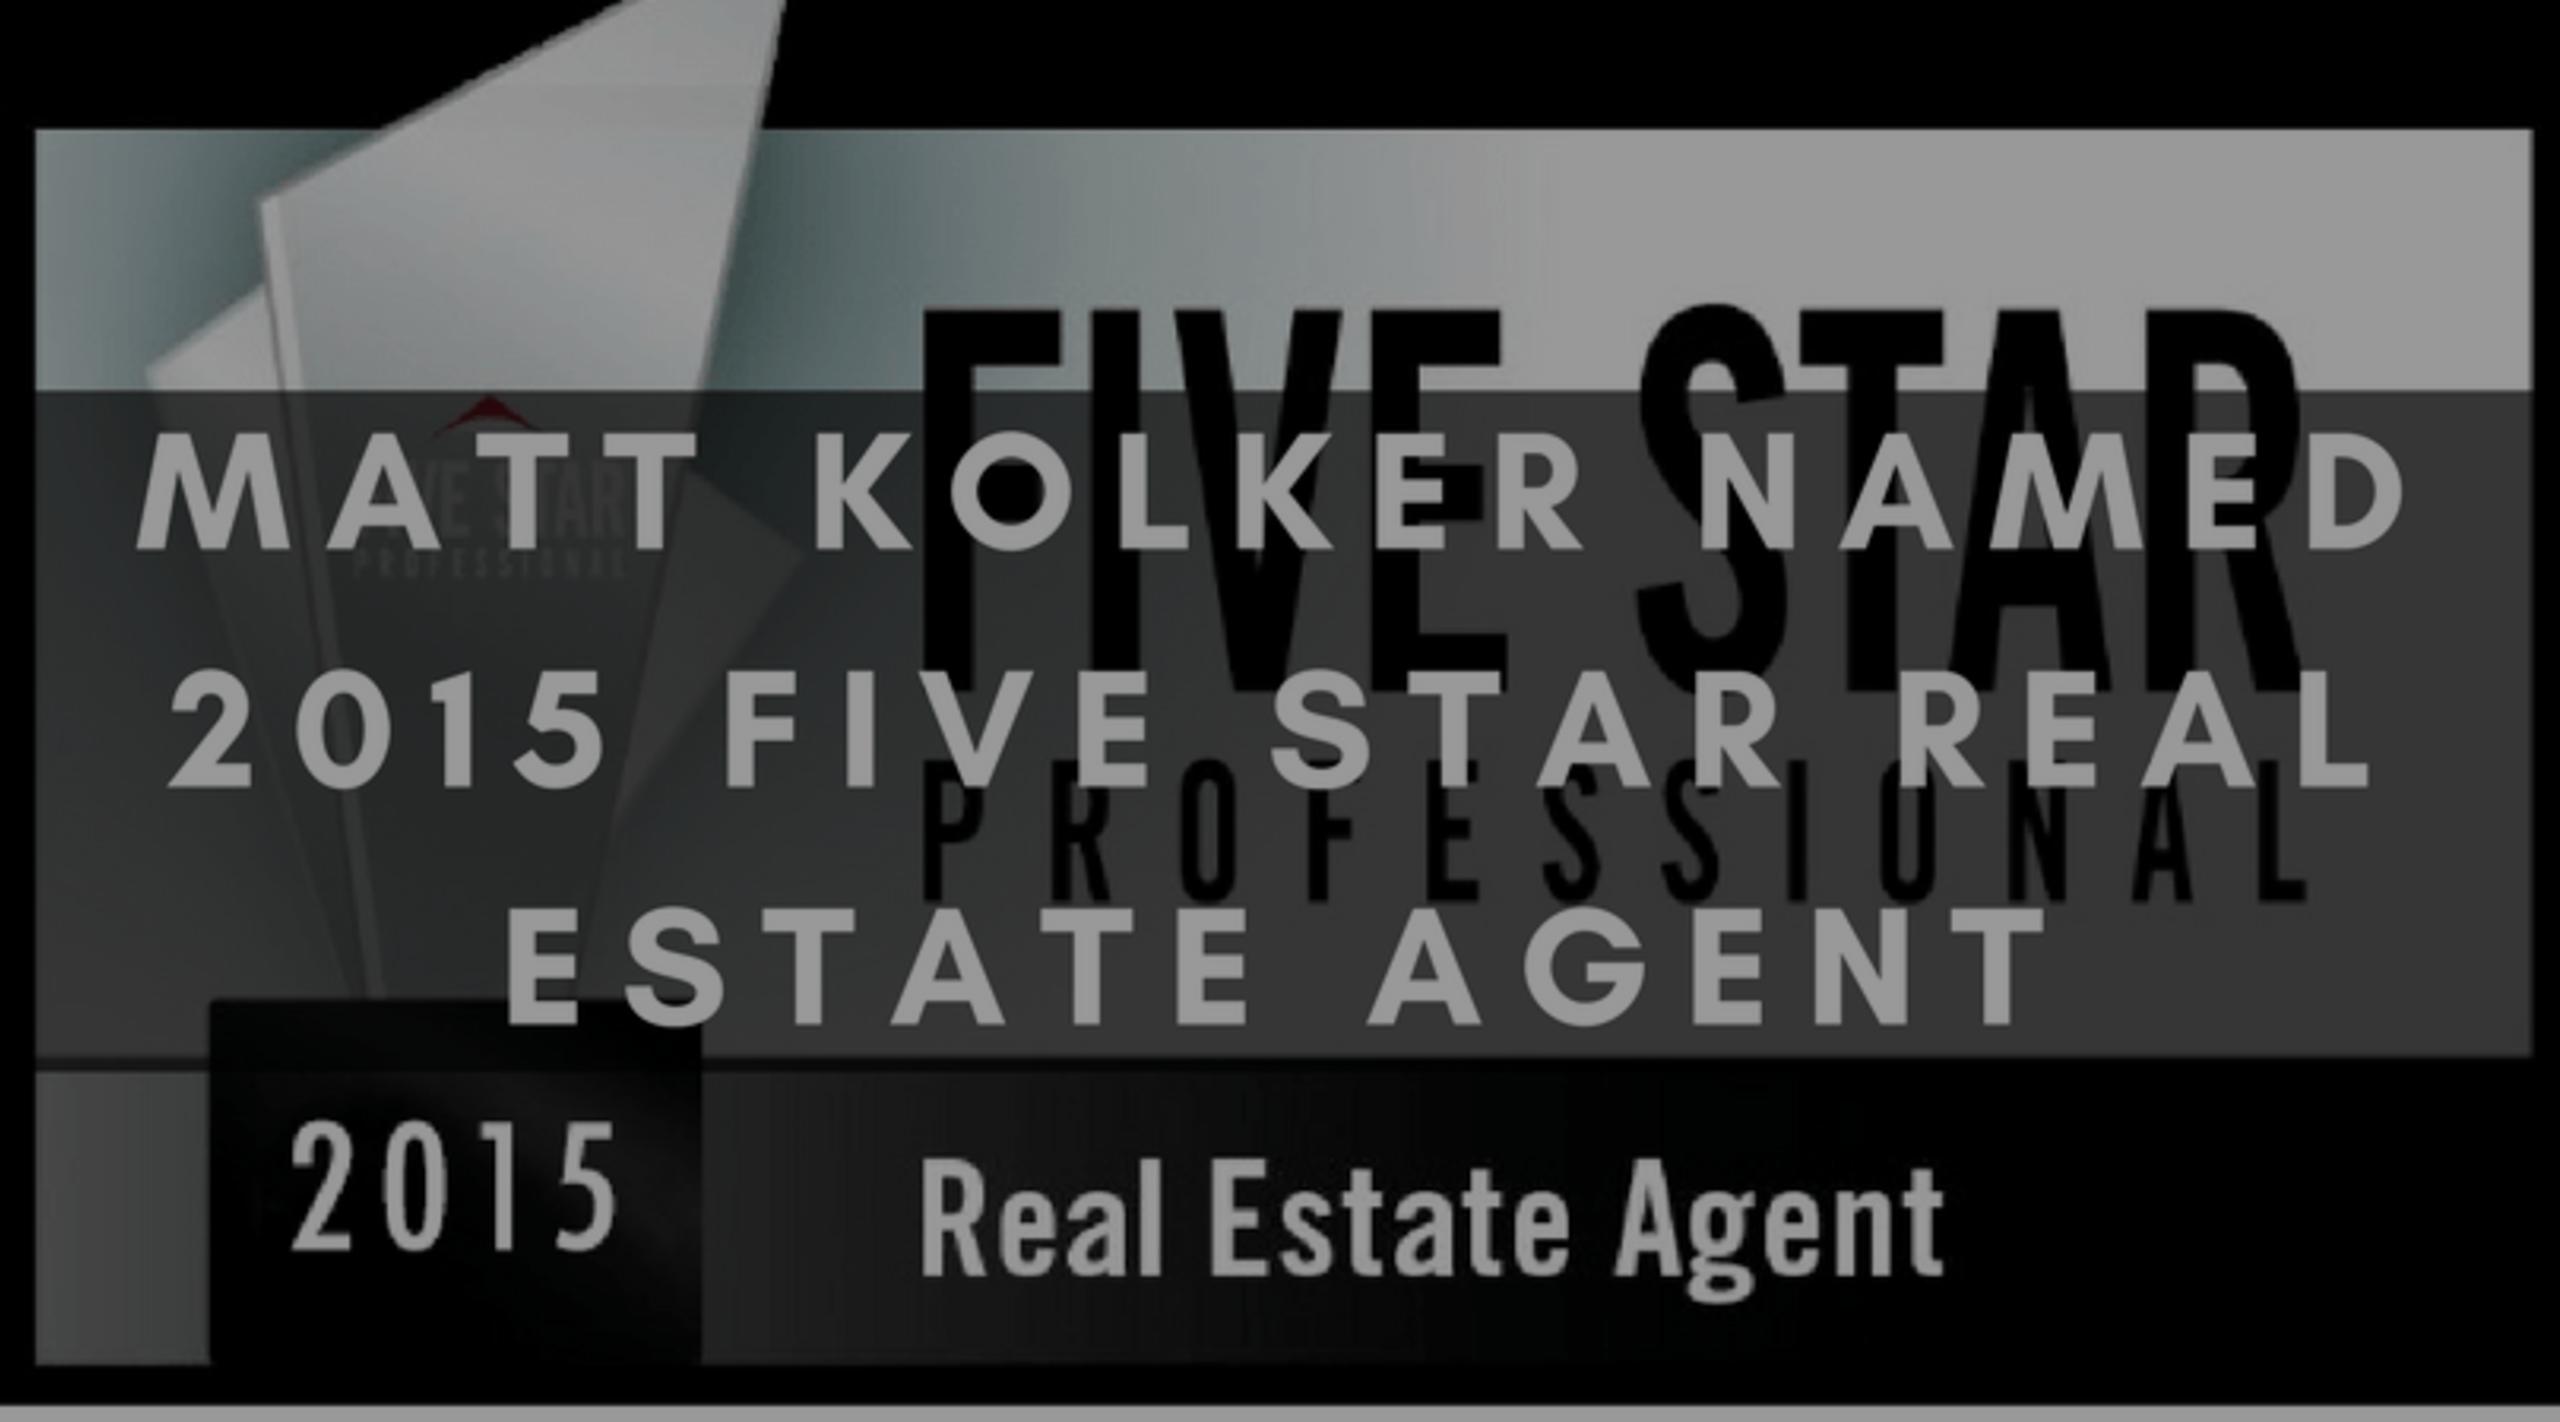 MATT KOLKER NAMED 2015 FIVE STAR REAL ESTATE AGENT